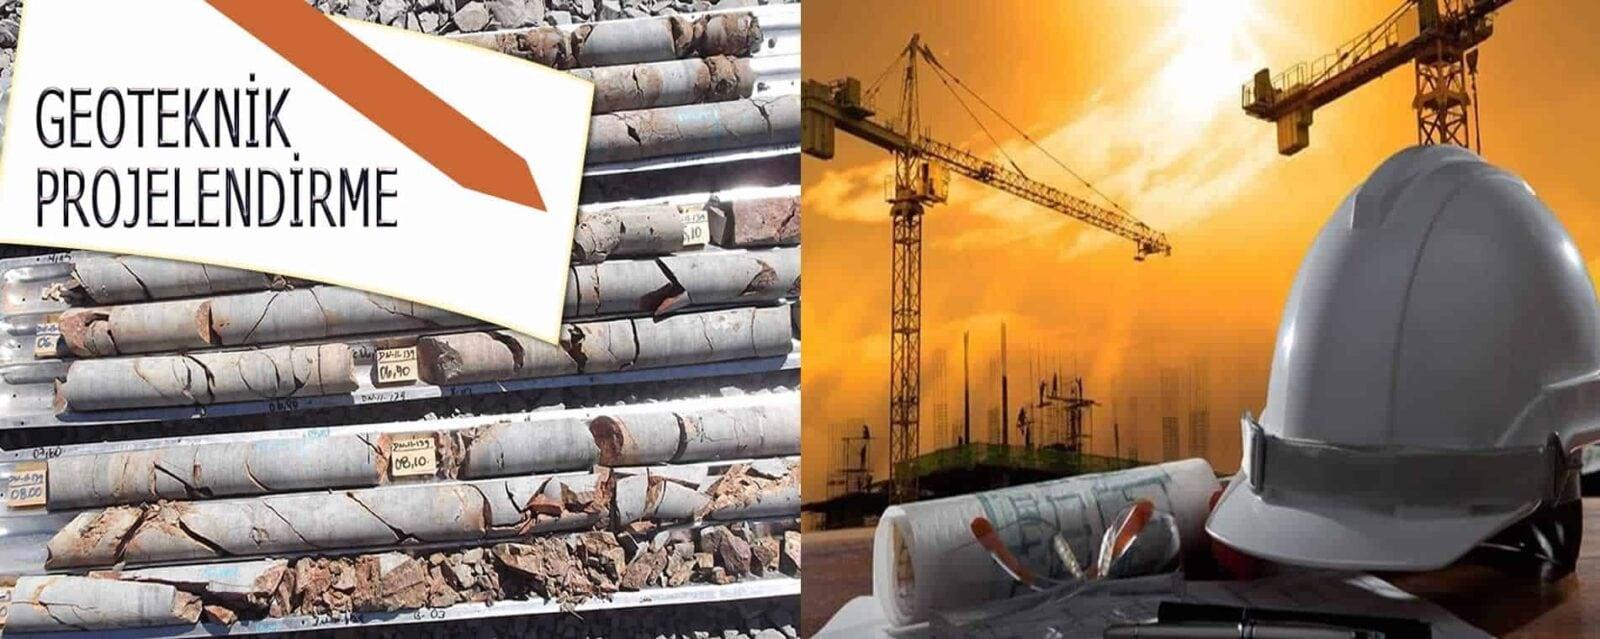 Geoteknik proje ve rapor Esasları